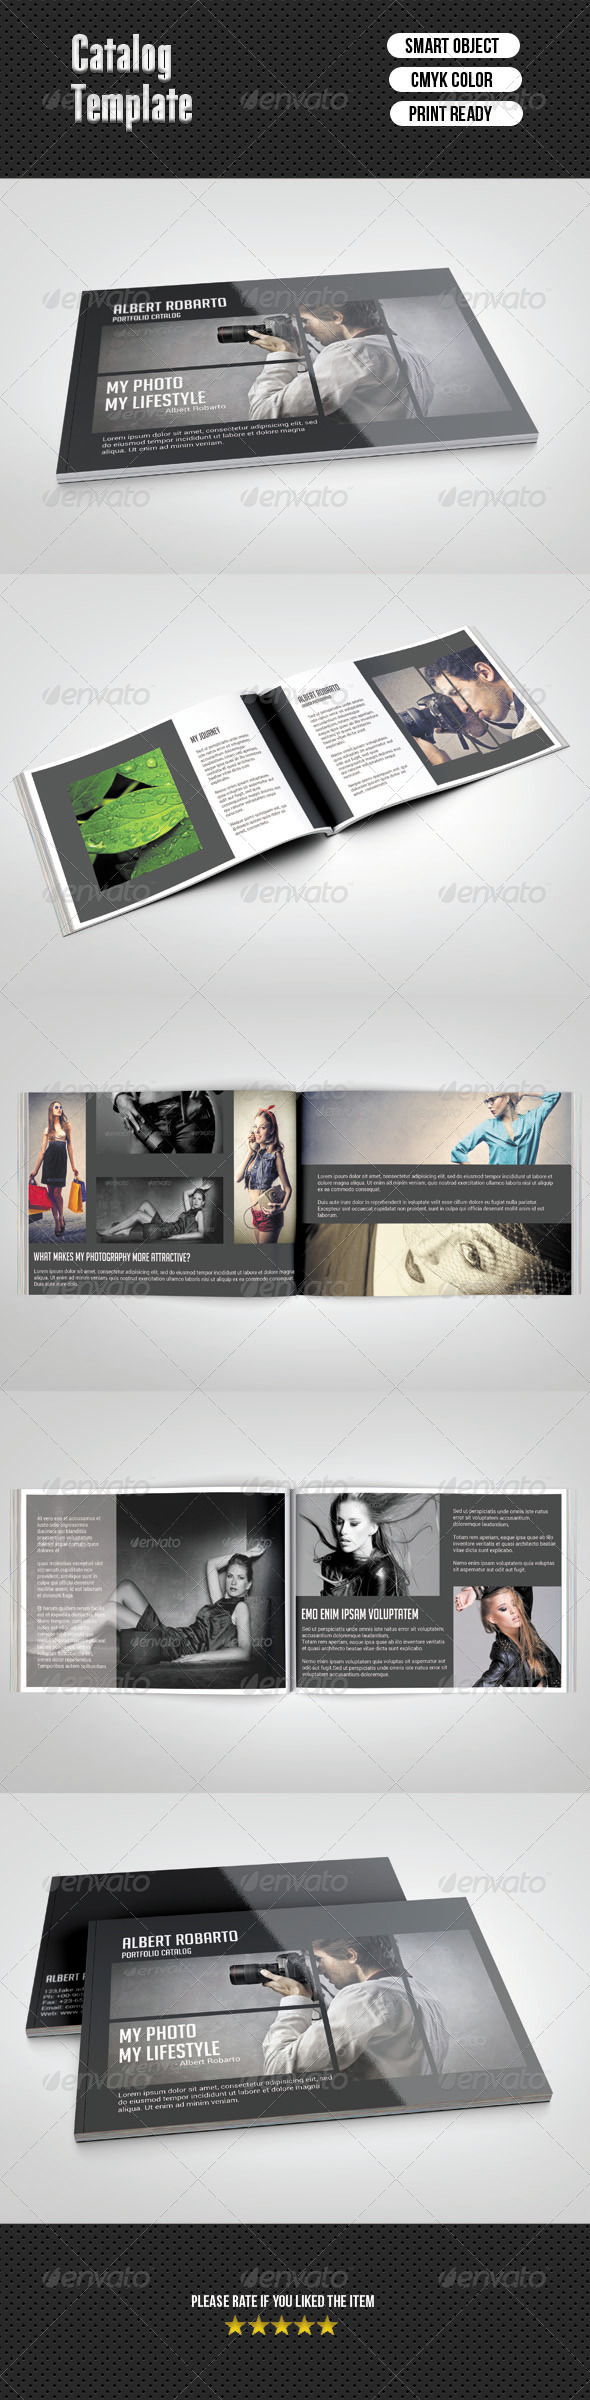 Portfolio Catalog